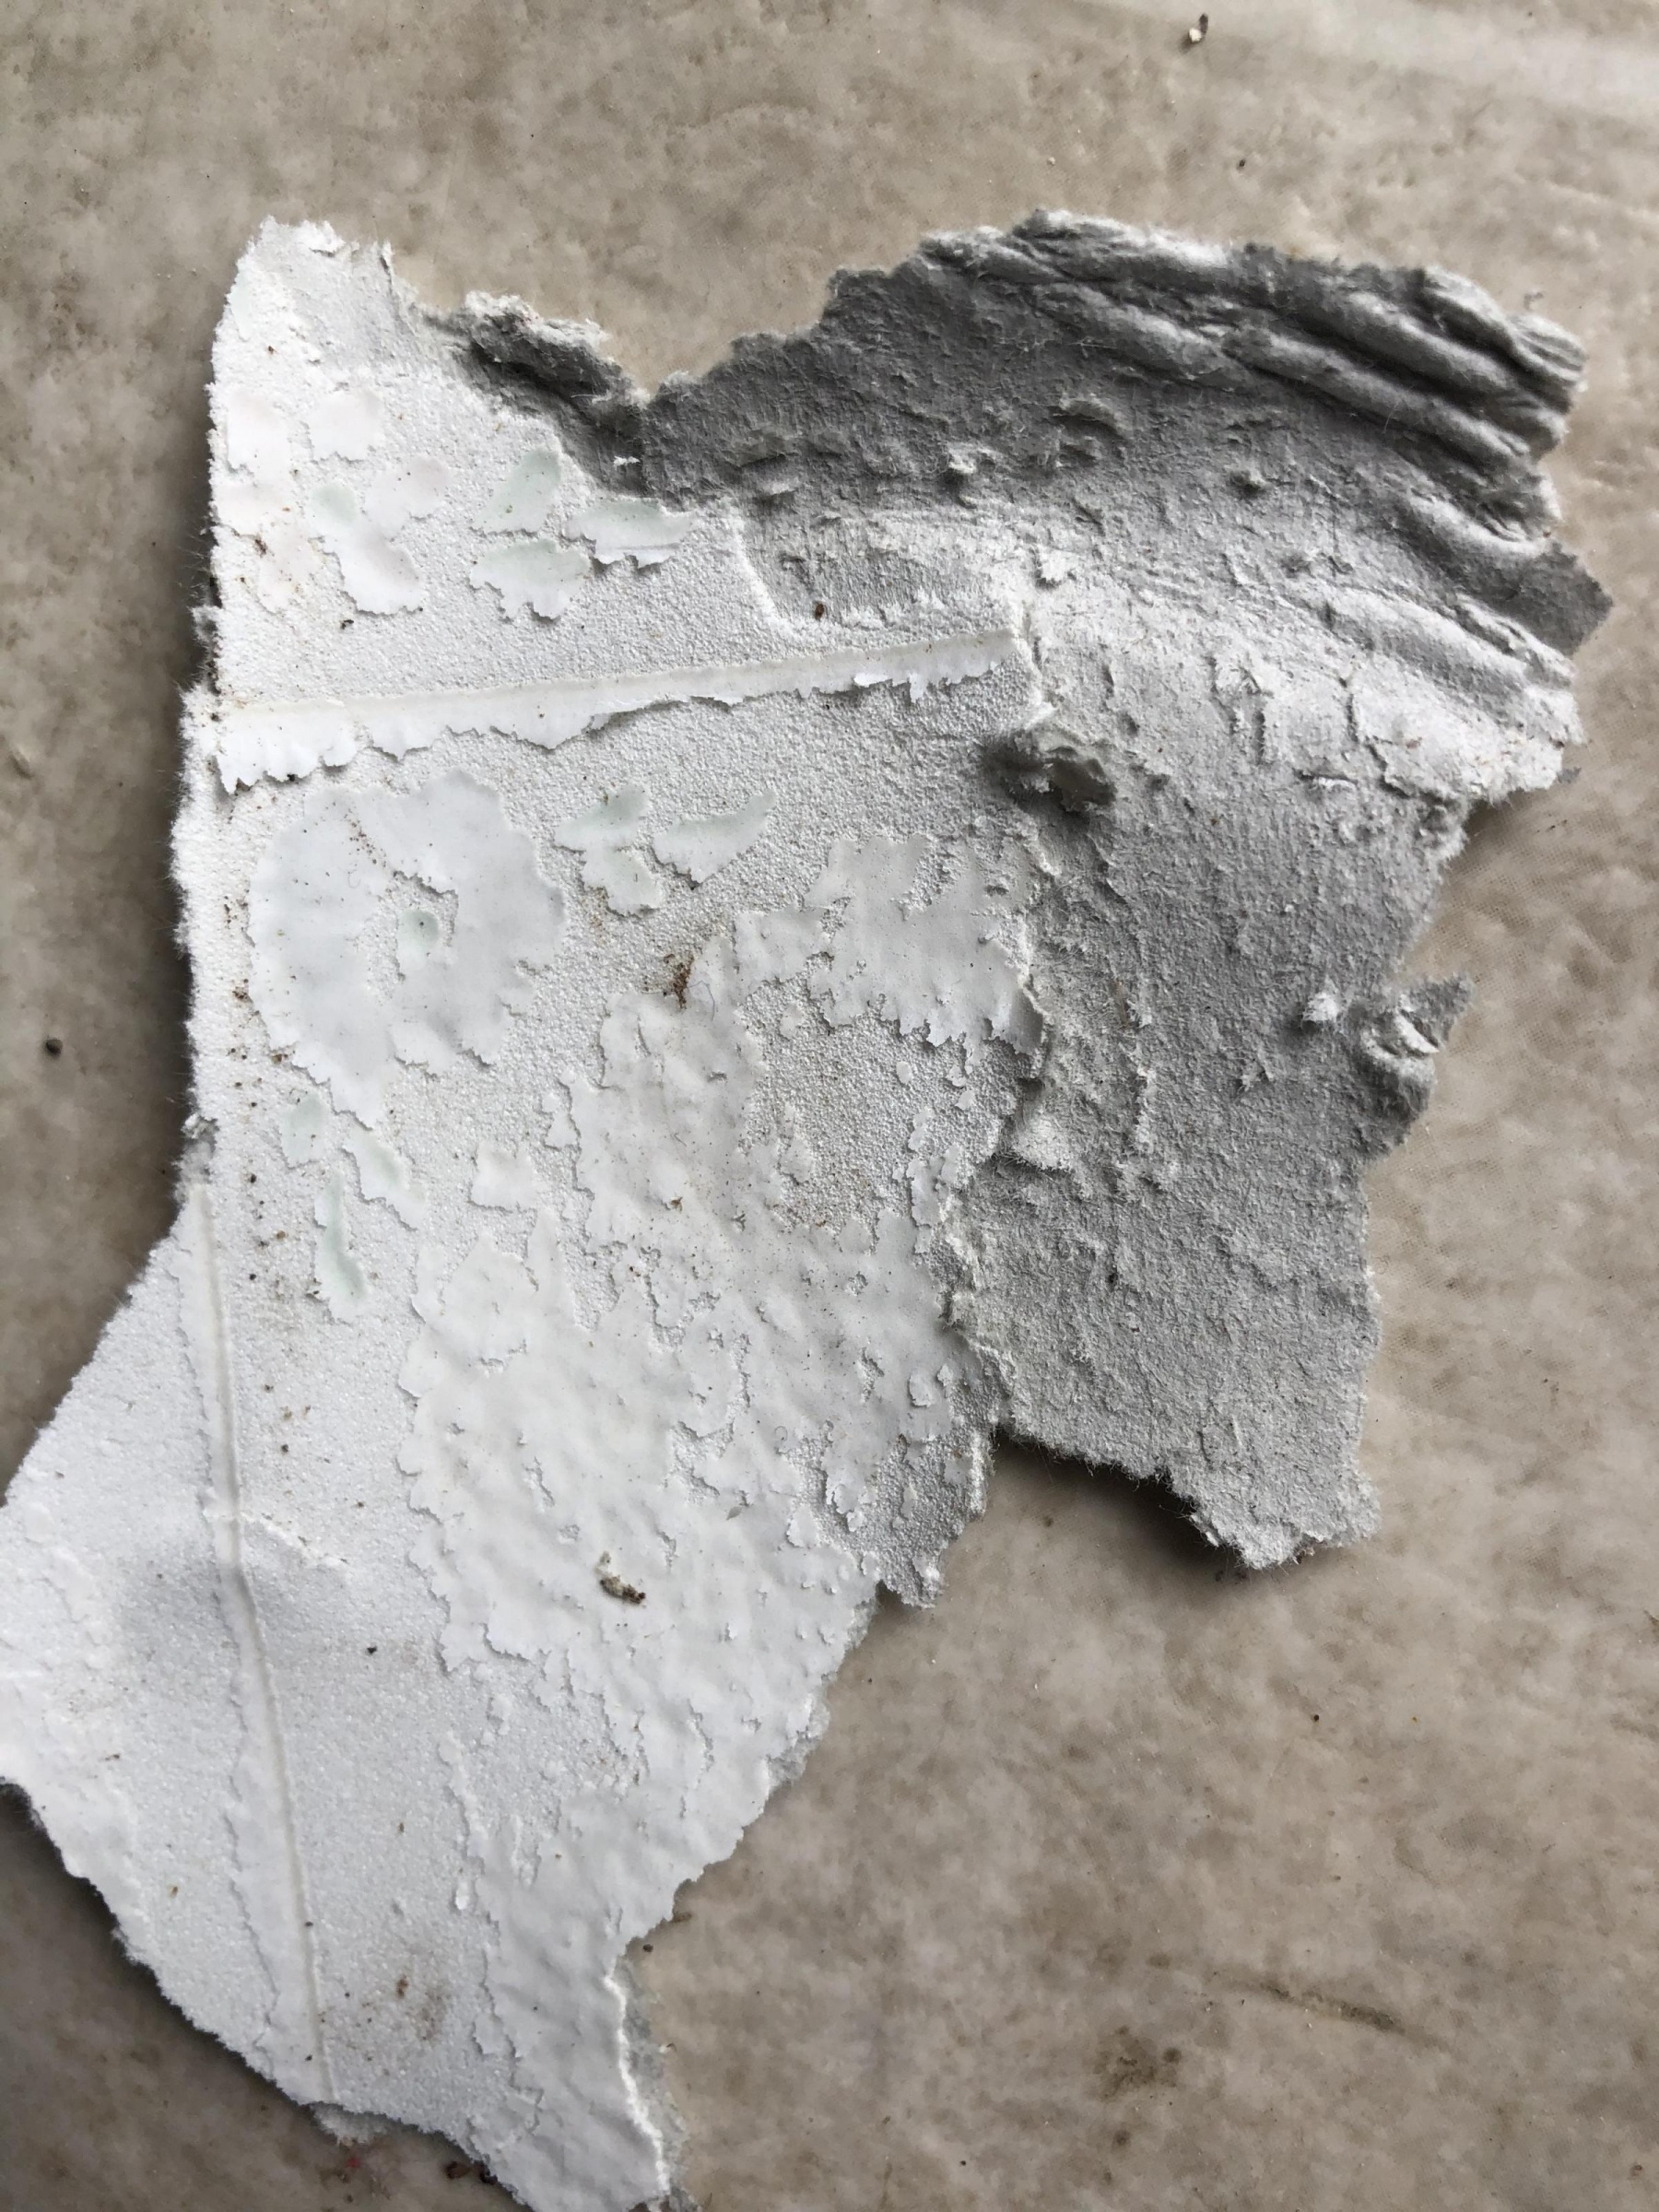 Asbestos?-62164b8f-532d-4119-b21e-f1cc09bdbdce_1547920534087.jpg